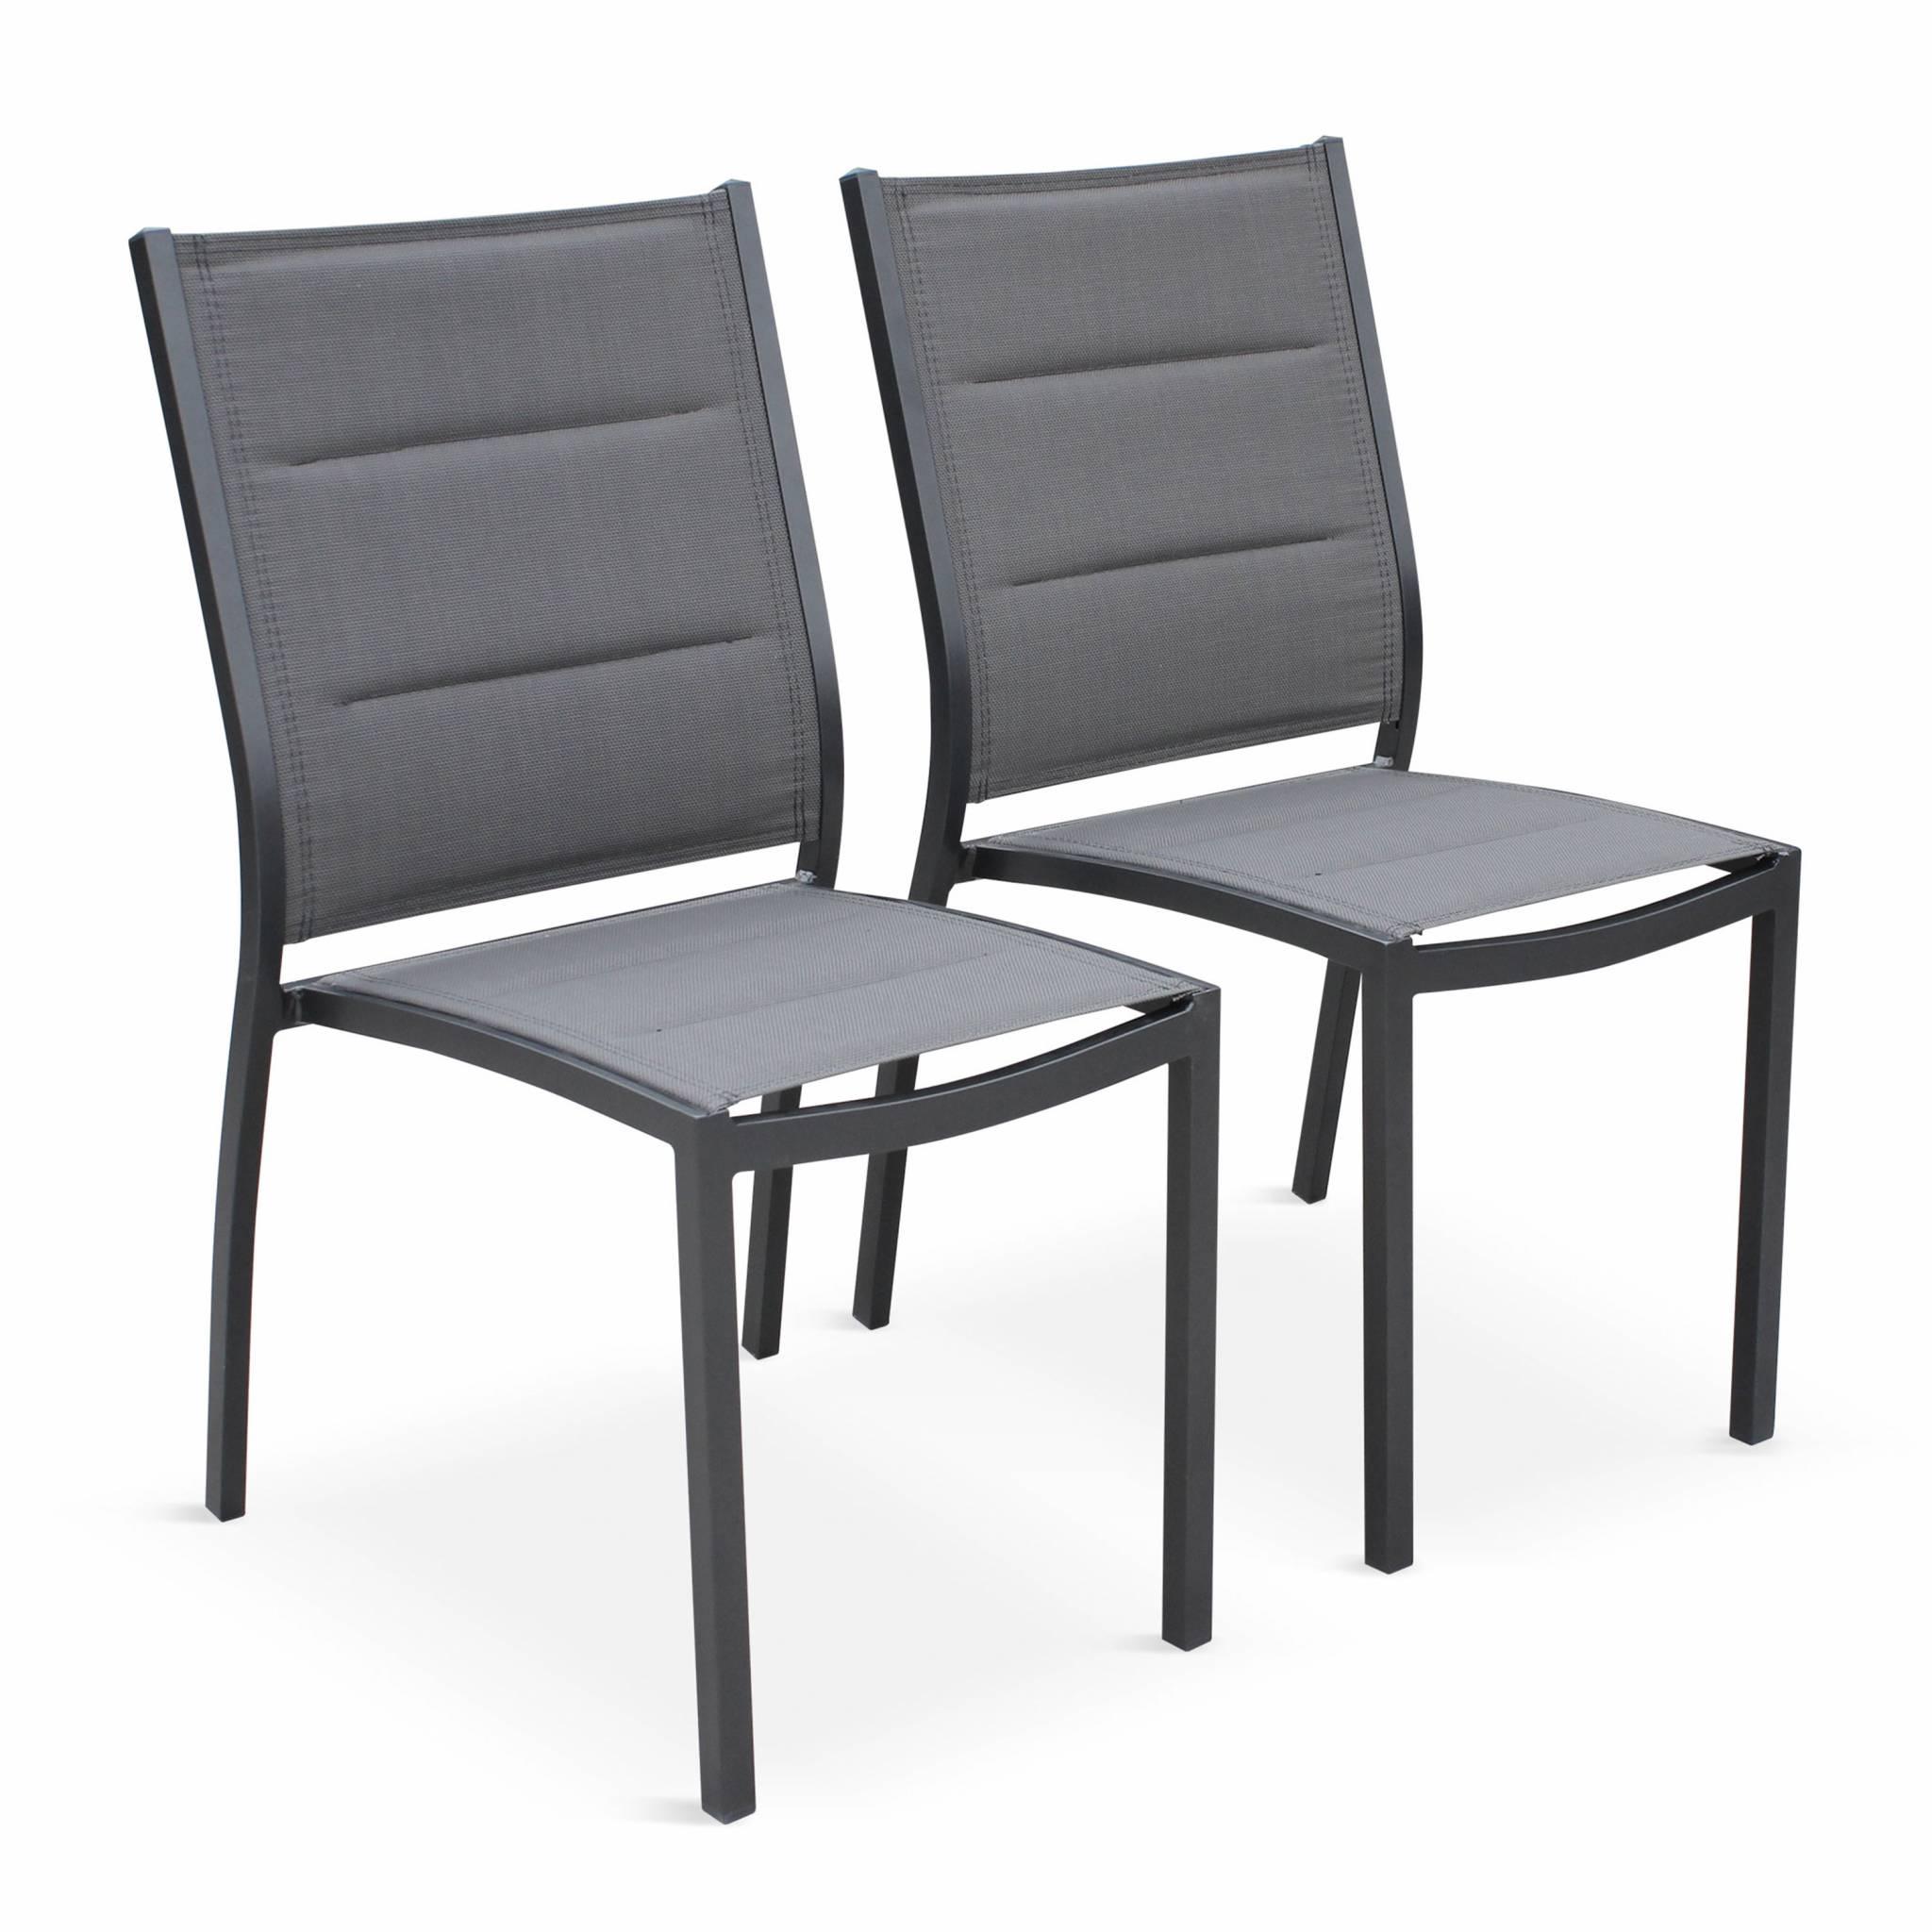 Lot de 2 chaises en aluminium anthracite et textilène gris